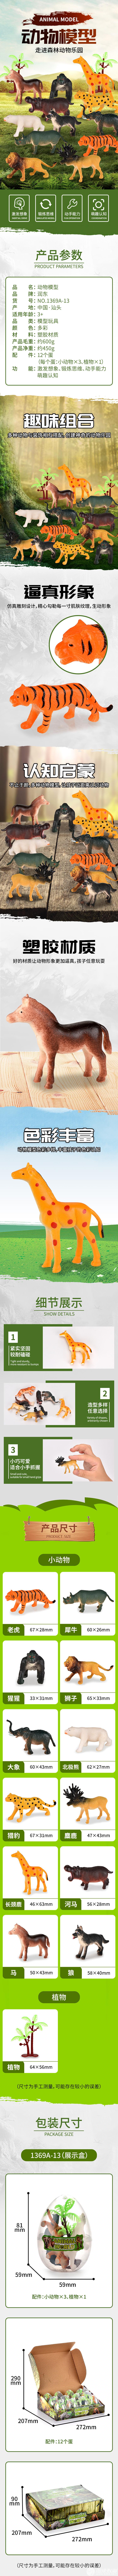 润东竞技宝官网下载厂-(1369A-13)-动物模型-中文版详情页.jpg